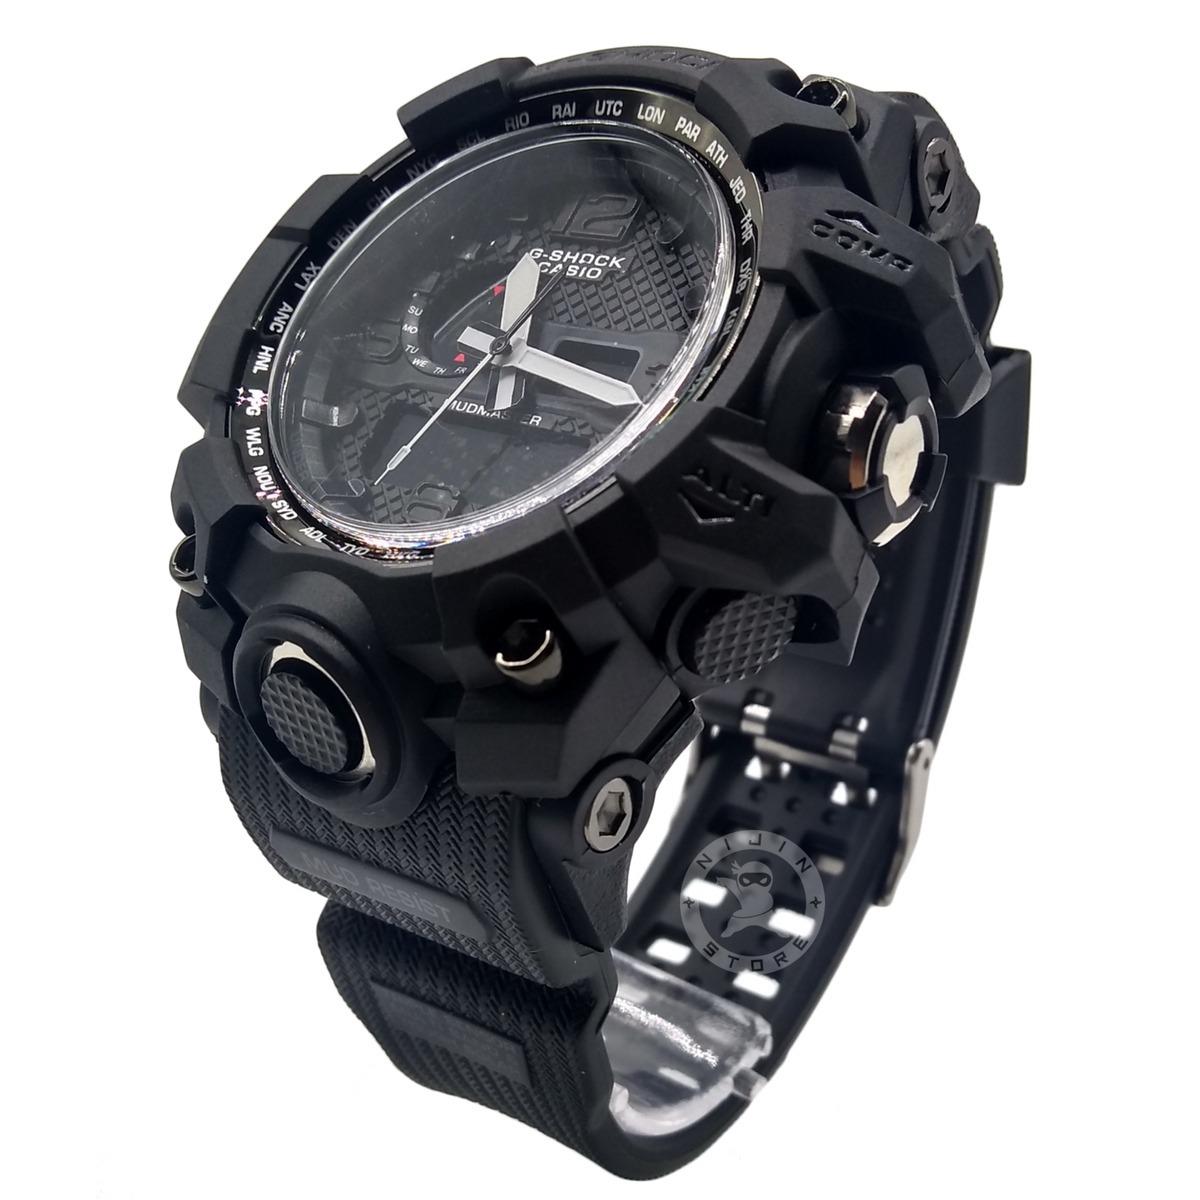 6546f793f02 relógio masculino g-shók preto digital militar promoção. Carregando zoom.